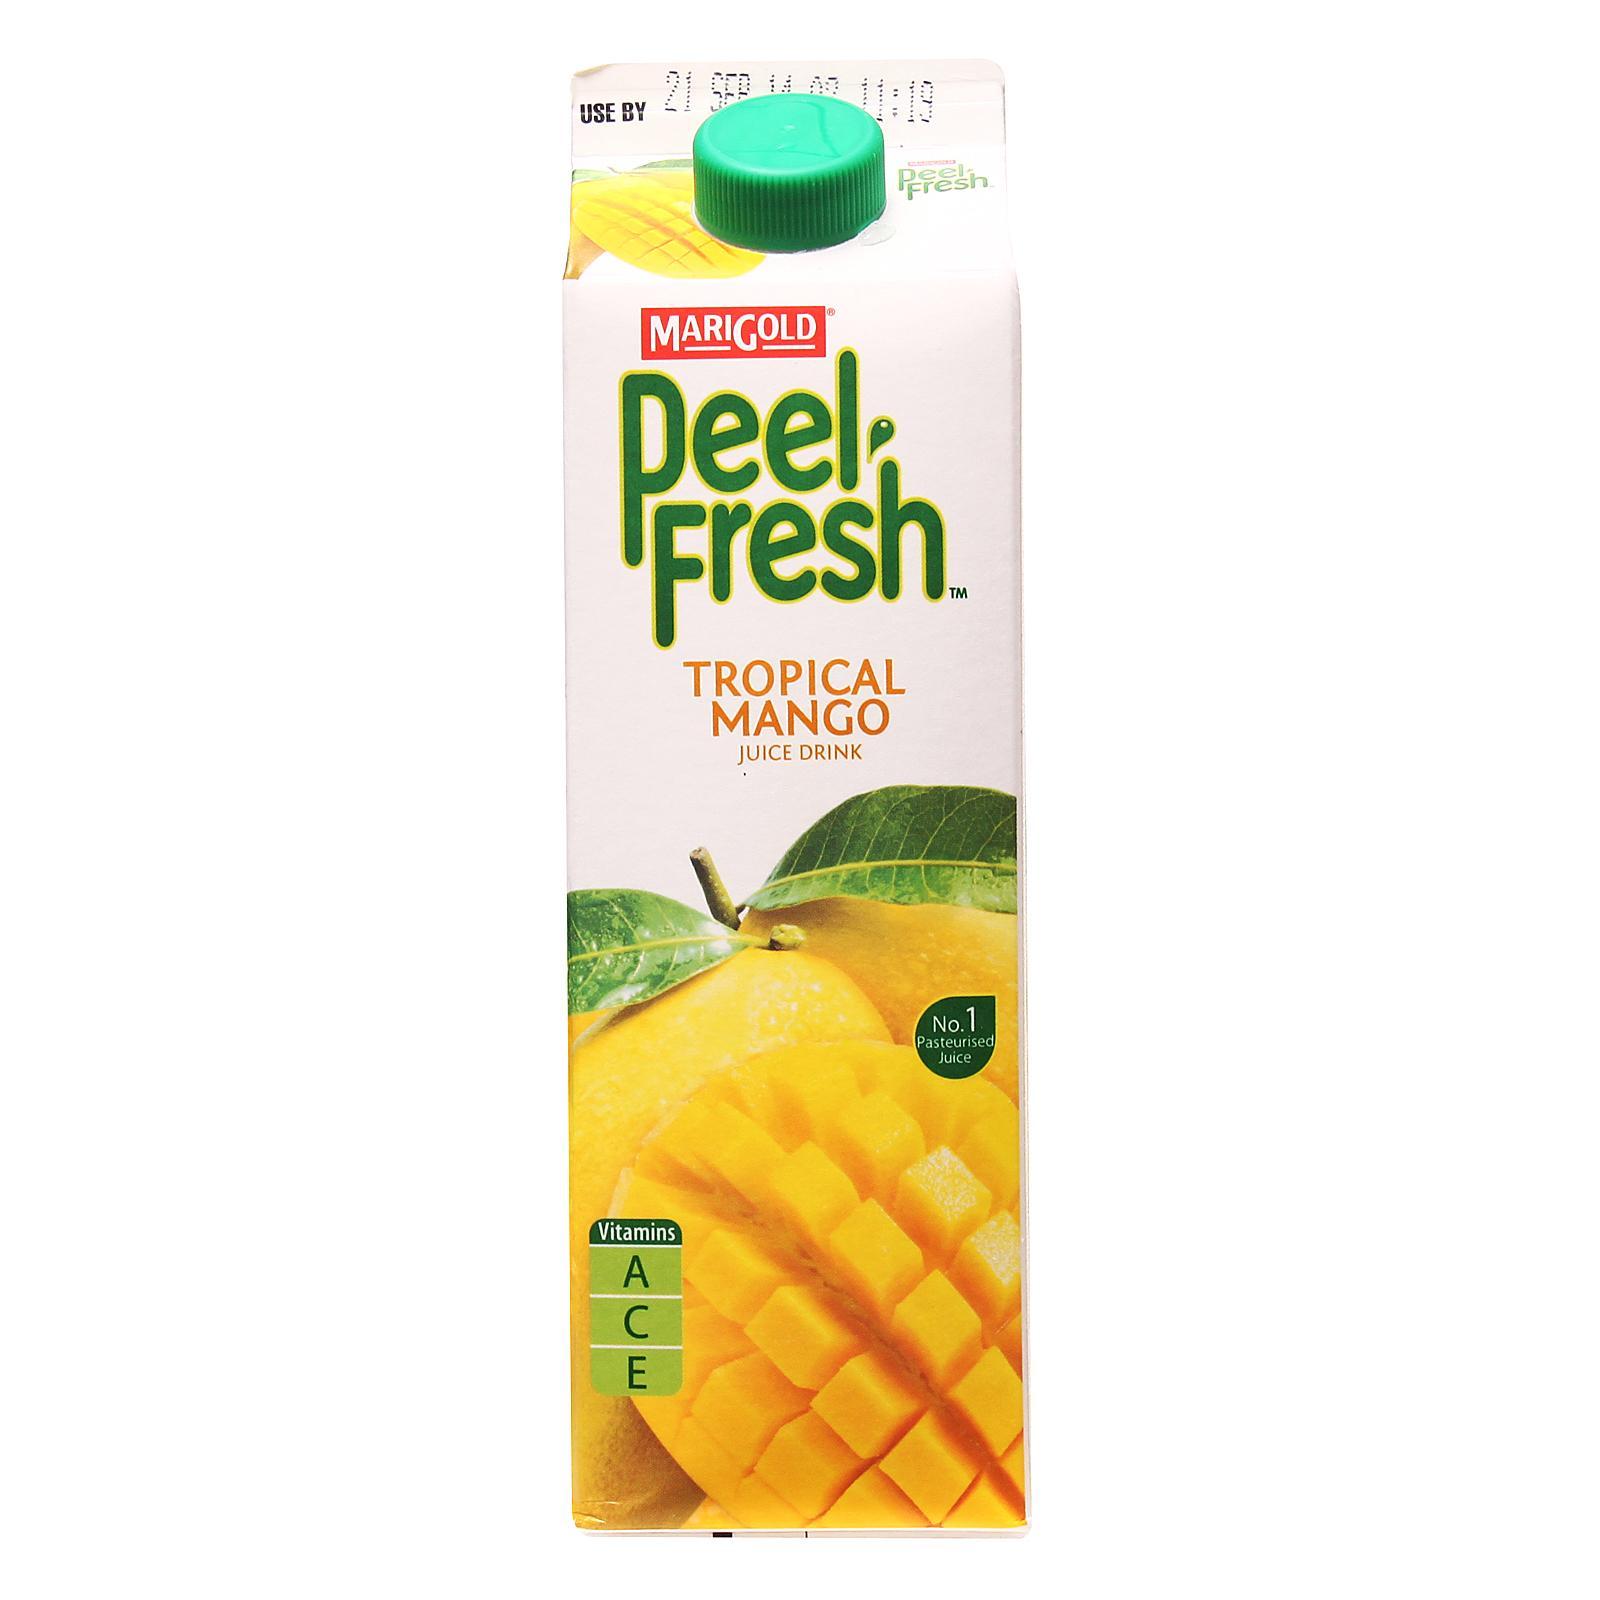 Marigold Peel Fresh Juice Drink - Tropical Mango By Redmart.